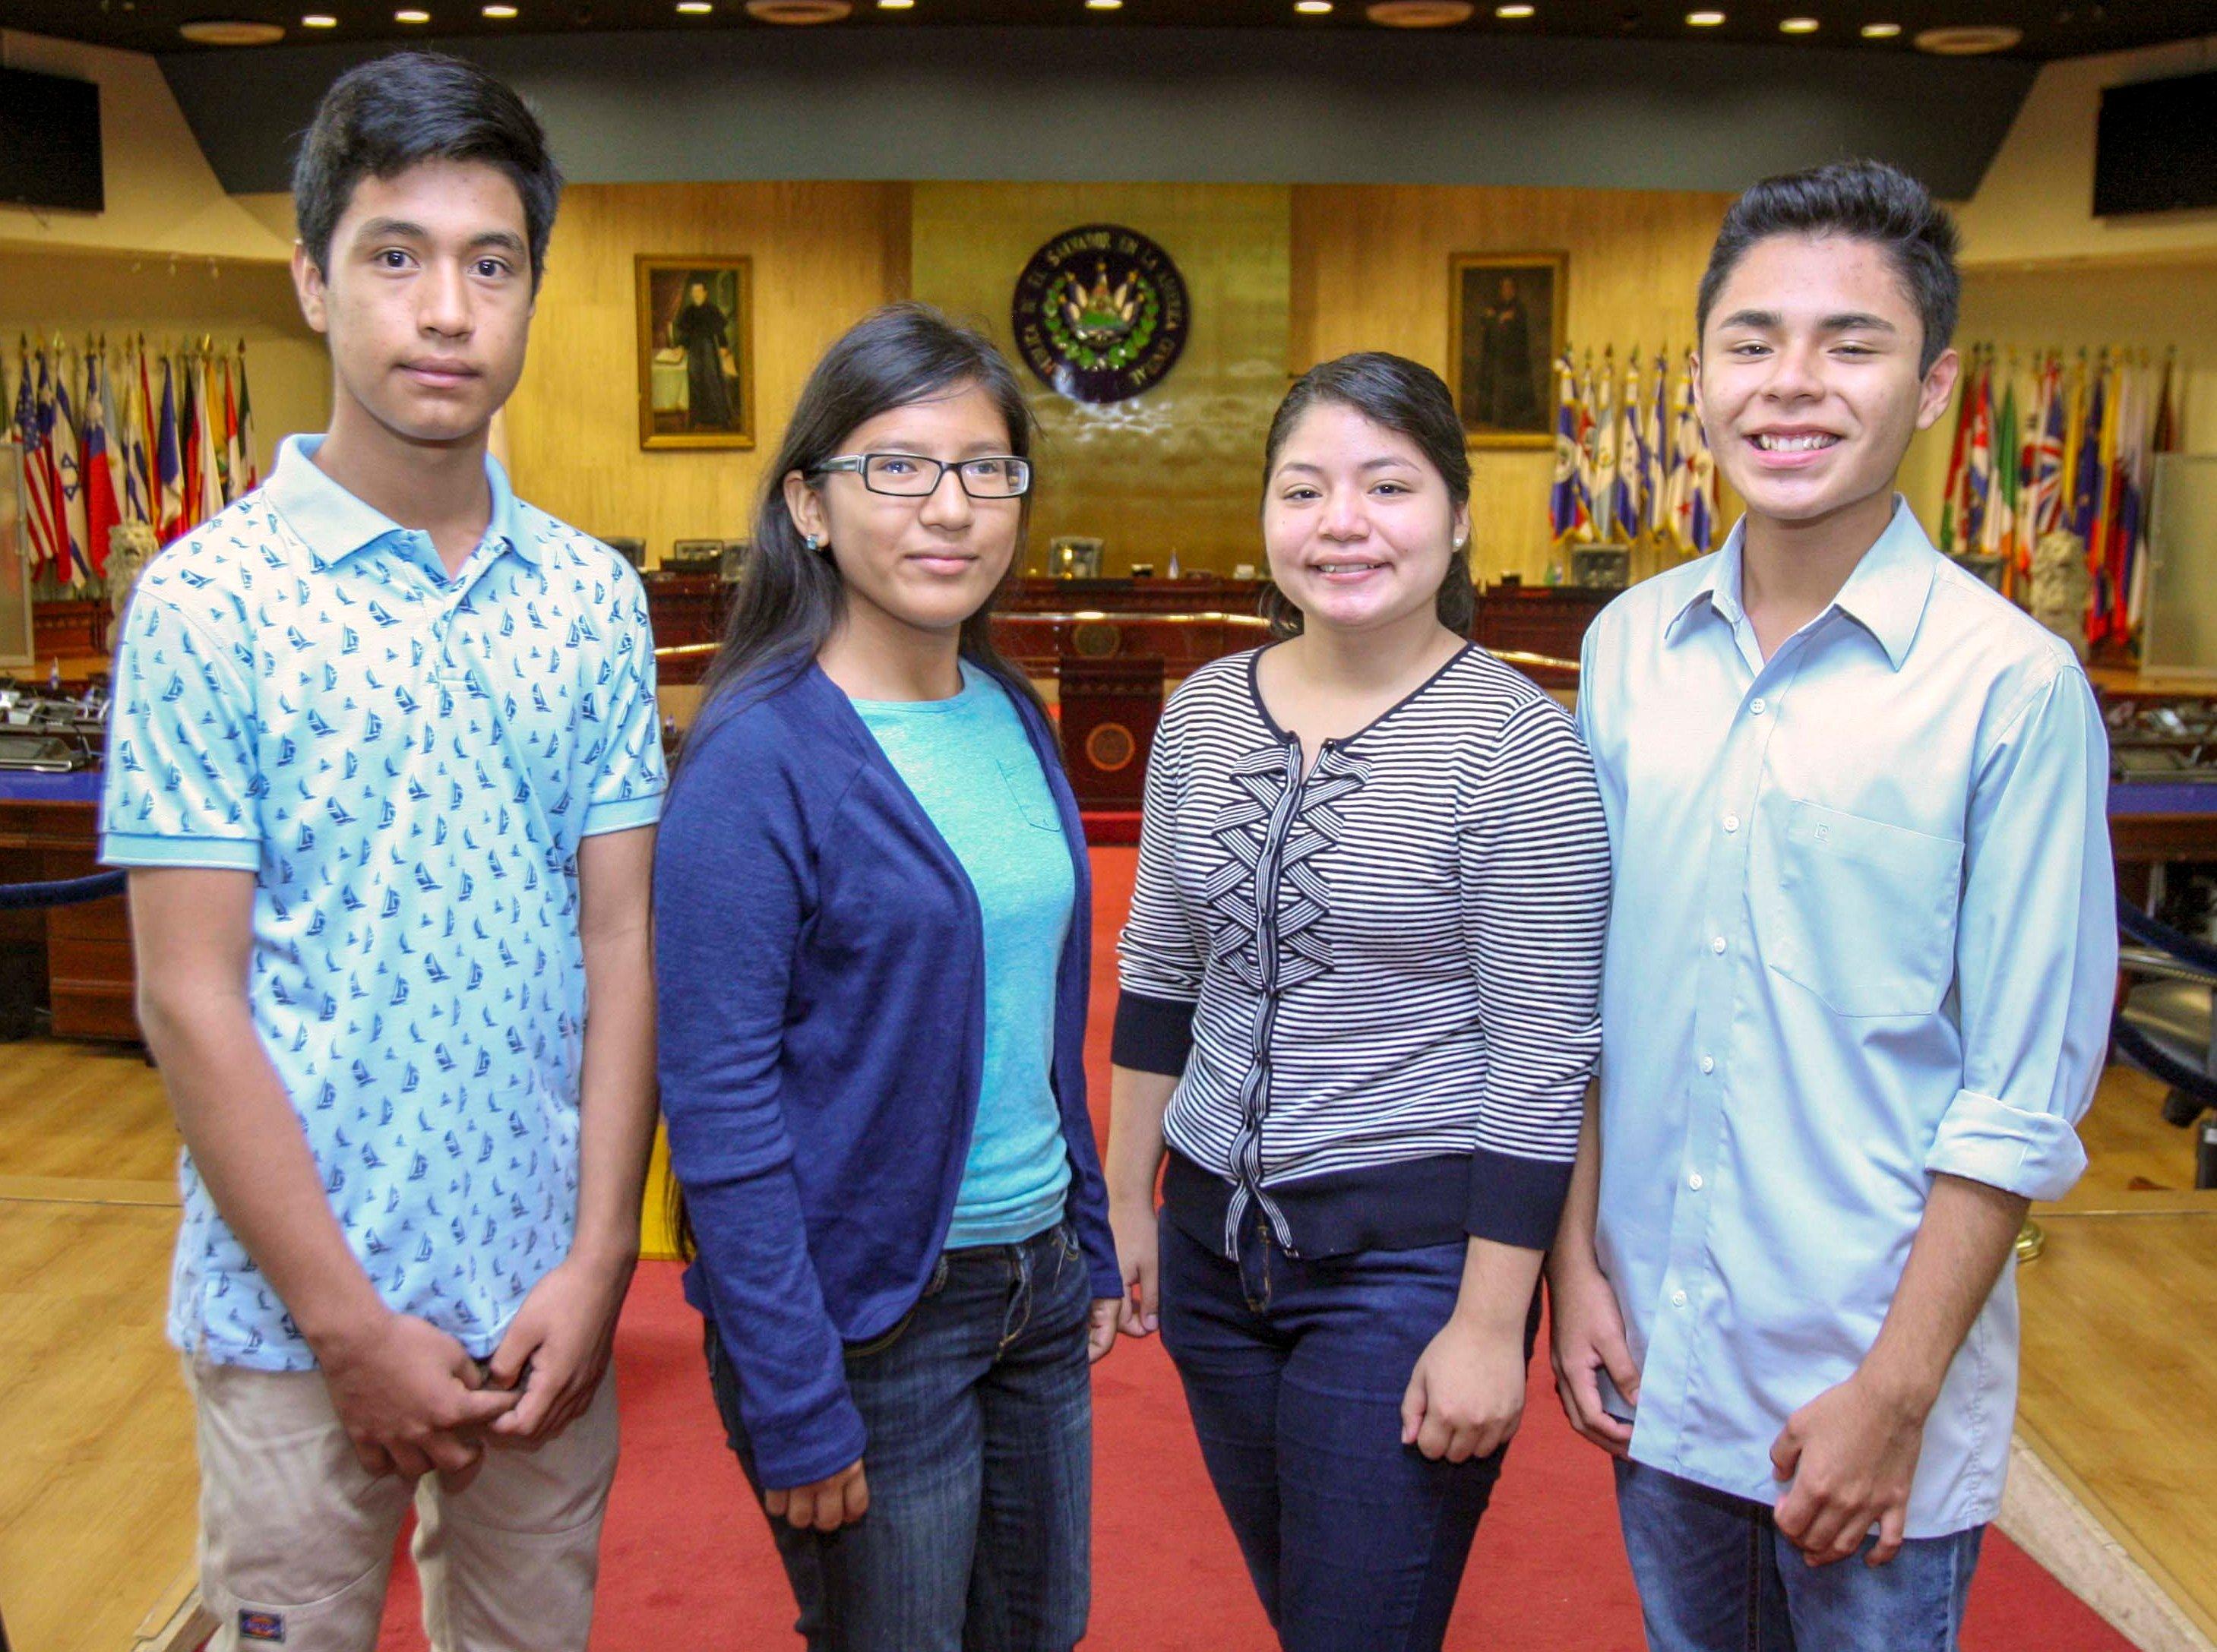 Televisión Legislativa prepara a niños presentadores para acto especial Diputada y Diputado por un Día